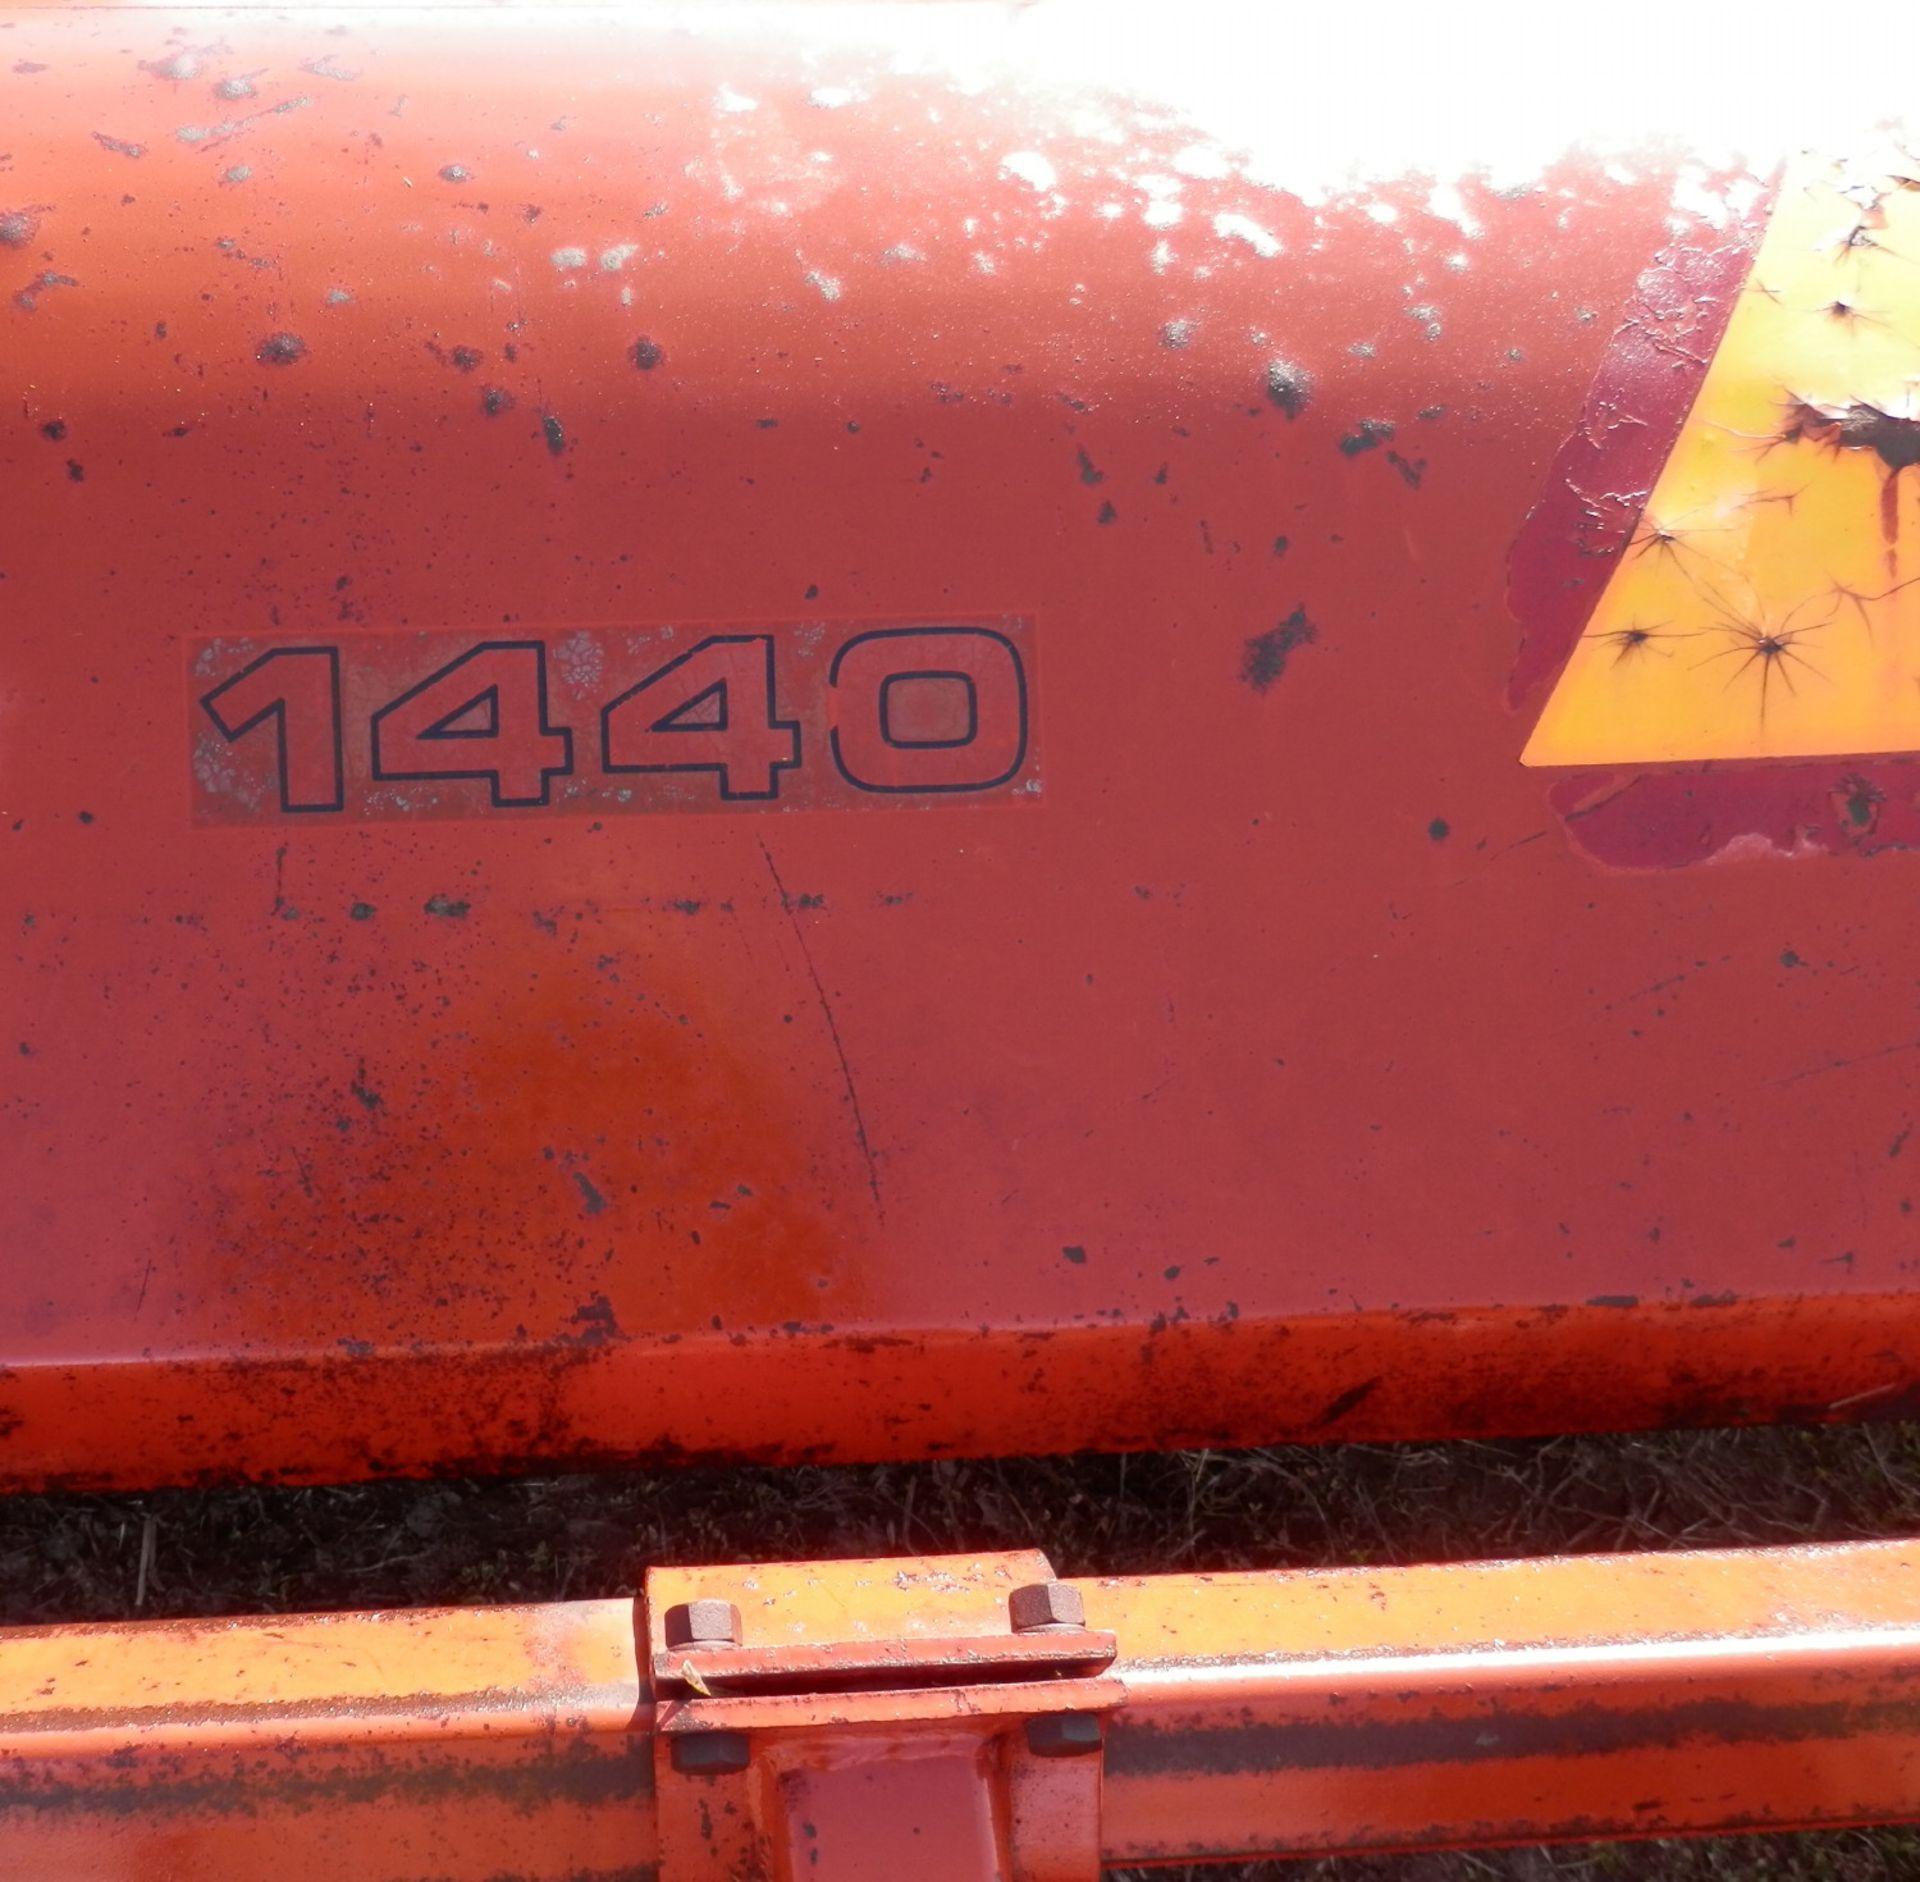 FOX BRADY 1440 STALK SHREDDER - Image 9 of 9